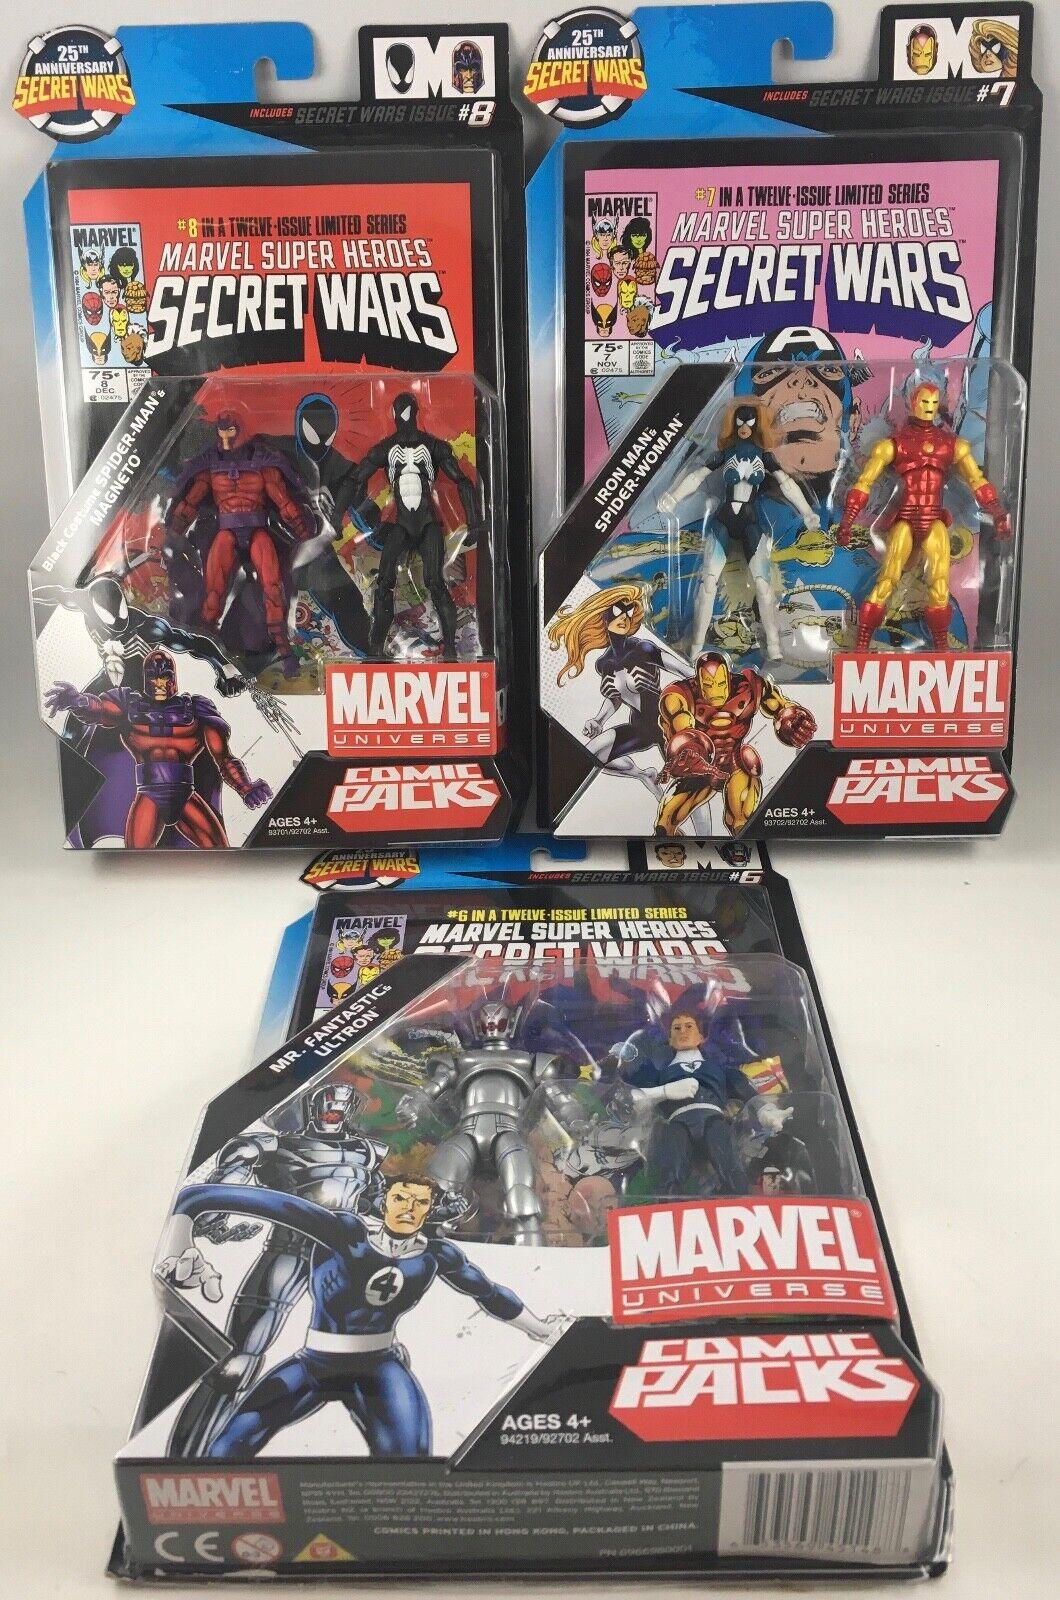 LOTTO di 3 MARVEL Universe Super Heroes Secret guerras FUMETTO Pack 3 34' SIGILLATO